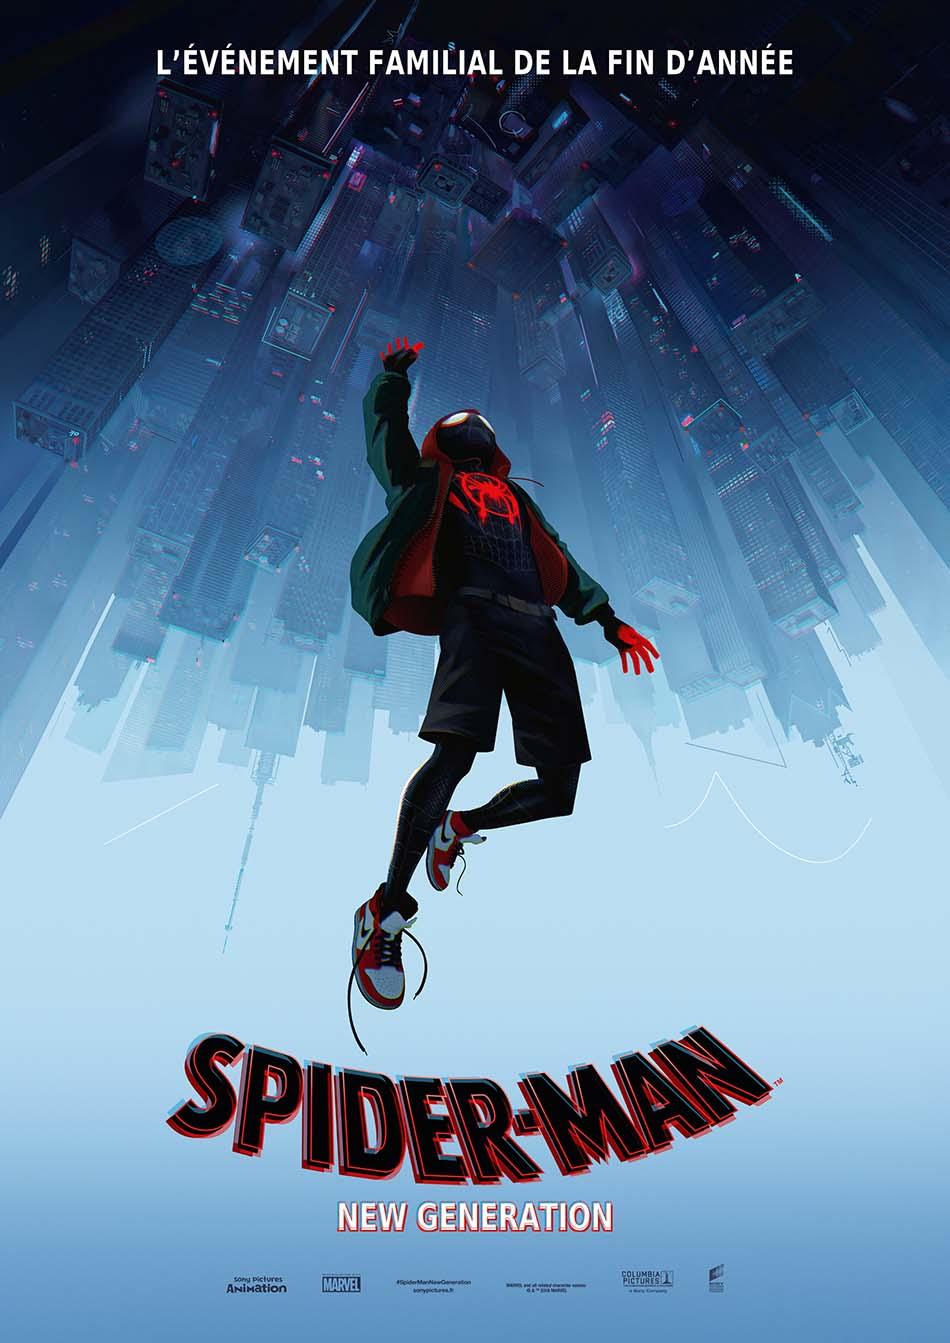 Spiderman new generation un dessin anim compliqu daily movies - Spiderman 1 dessin anime ...